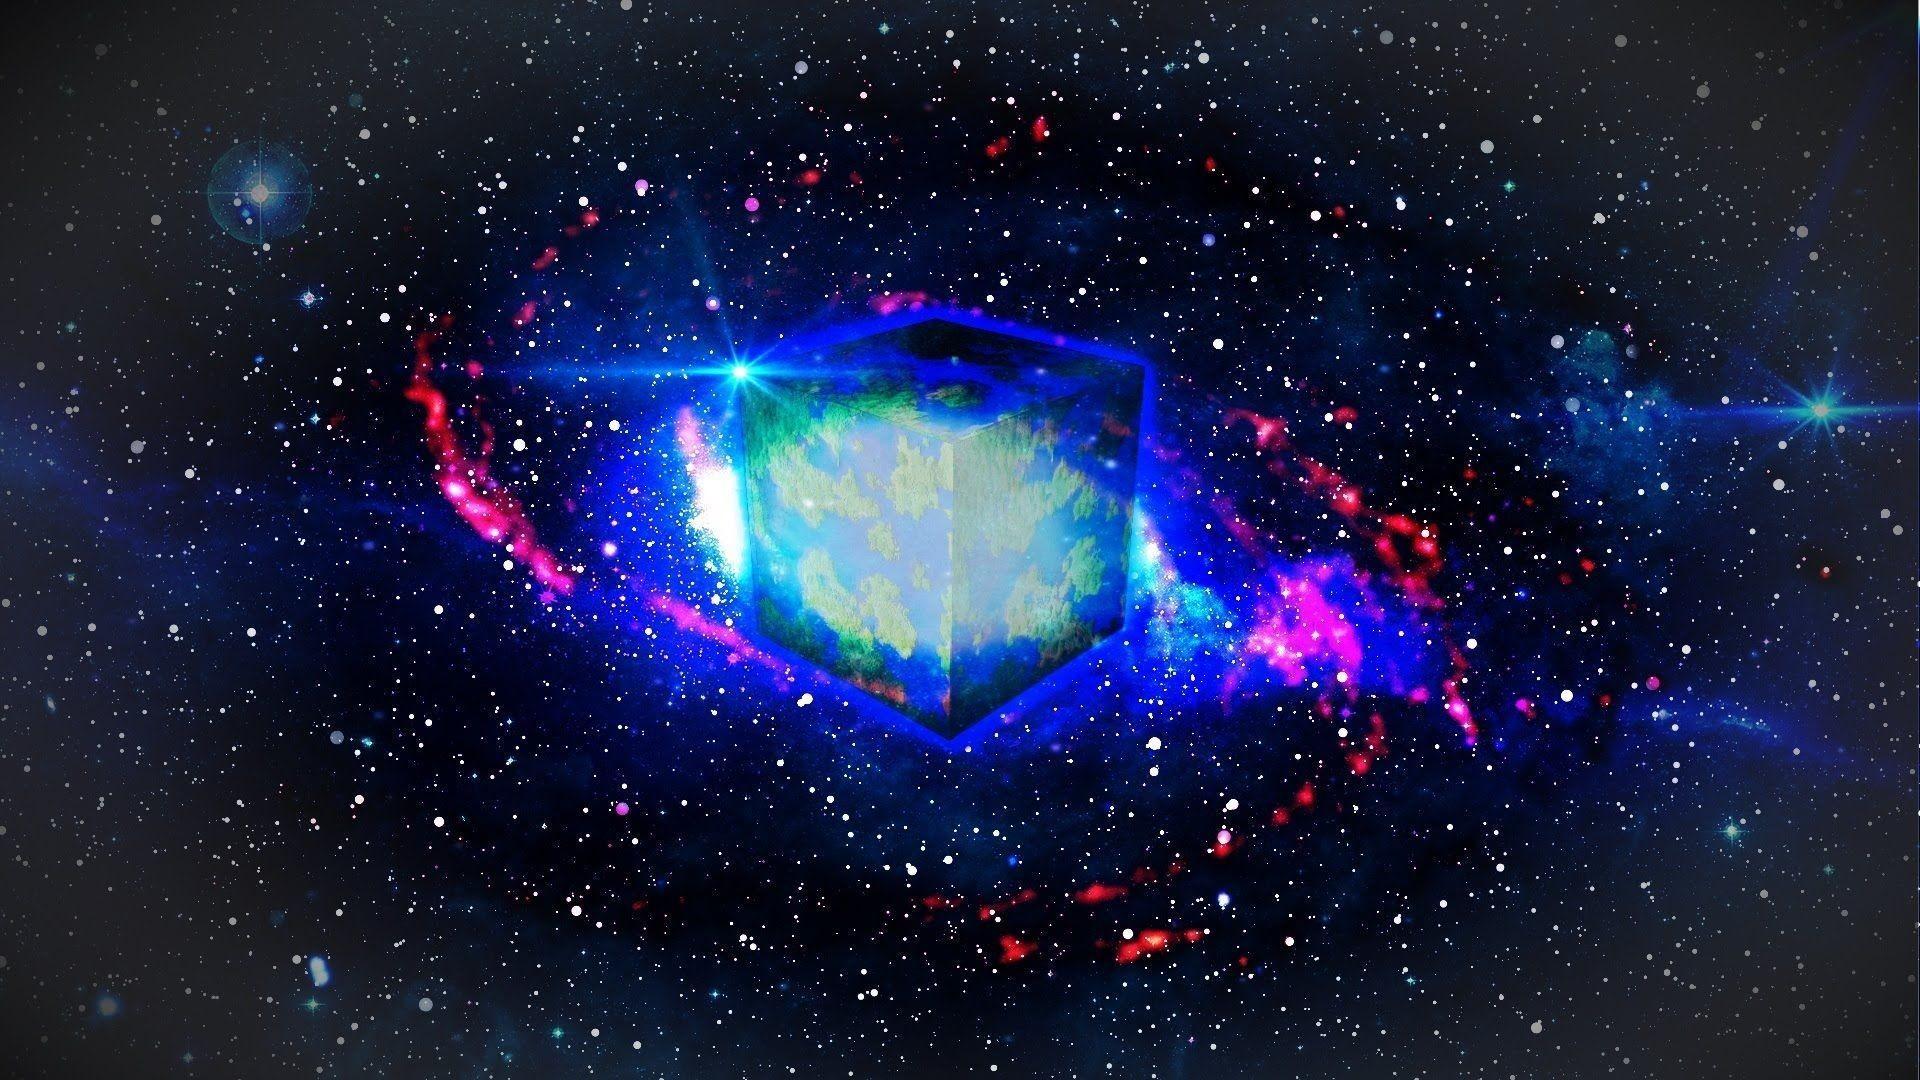 SPEED-ART] Minecraft Space Desktop Background